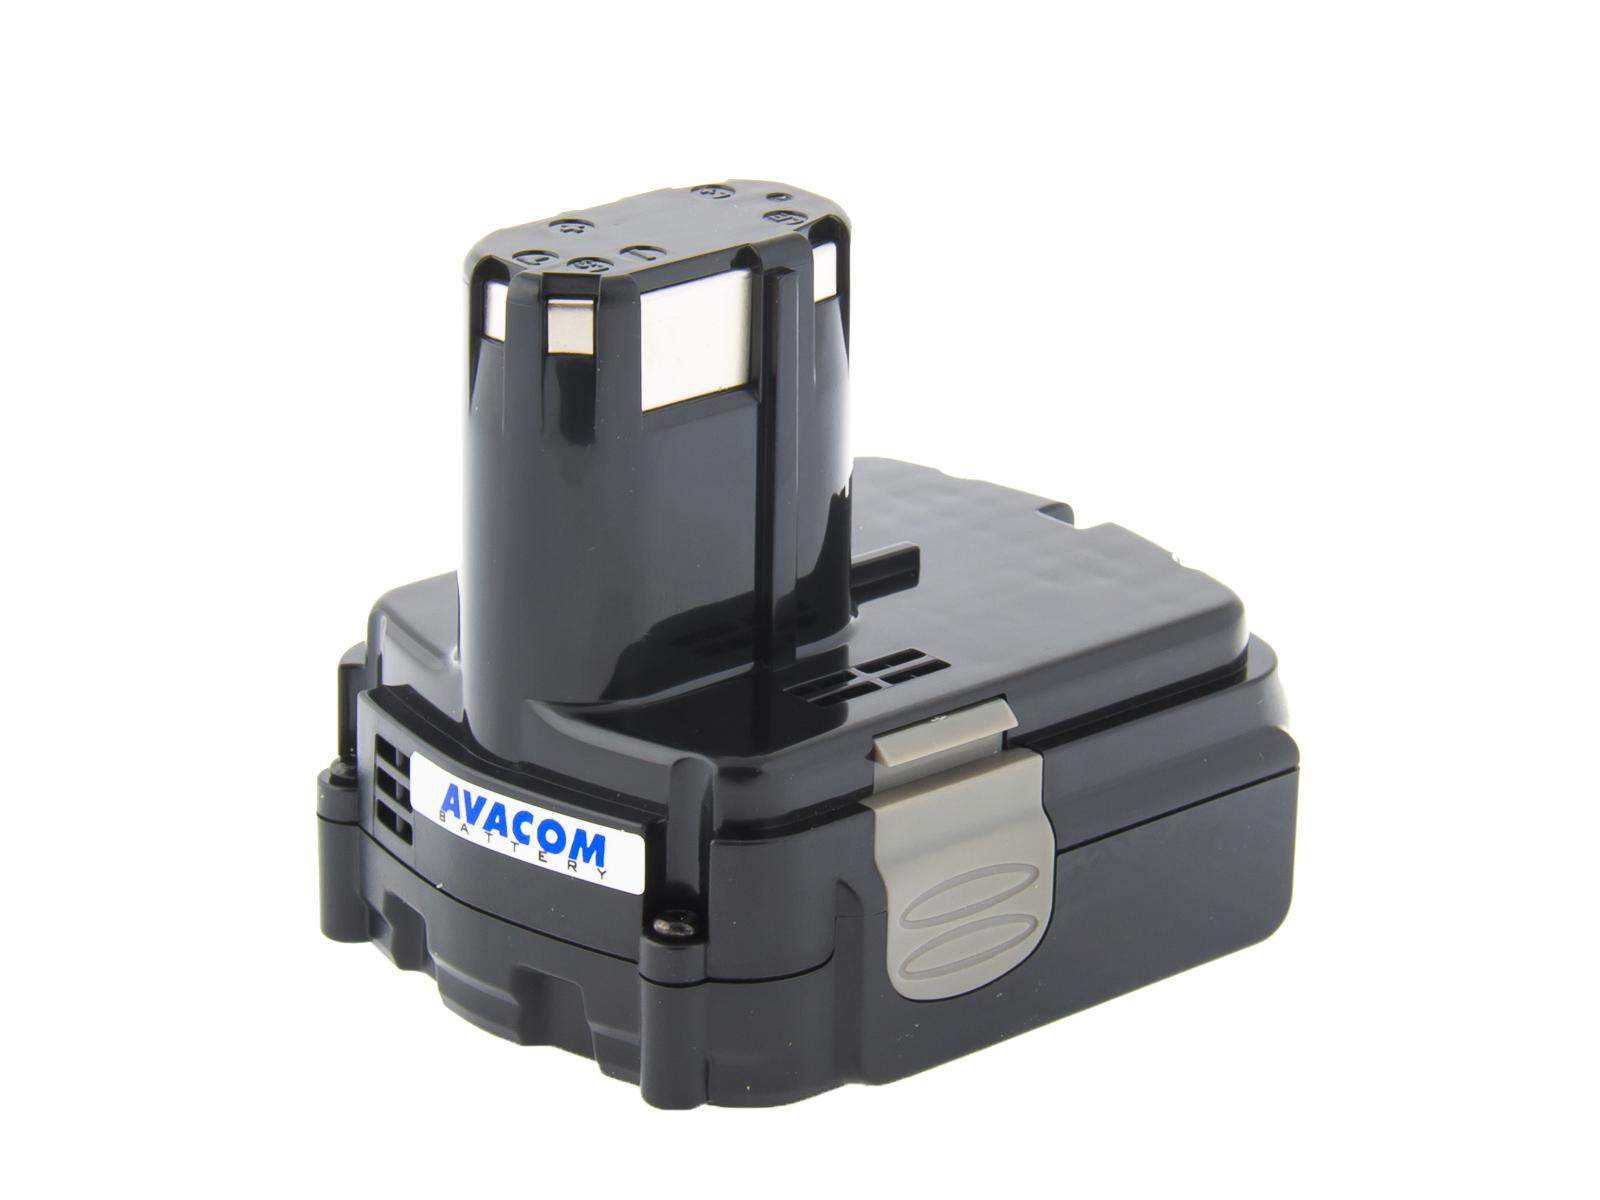 Baterie AVACOM HITACHI BCL 1415 Li-Ion 14,4V 2000mAh, články SAMSUNG